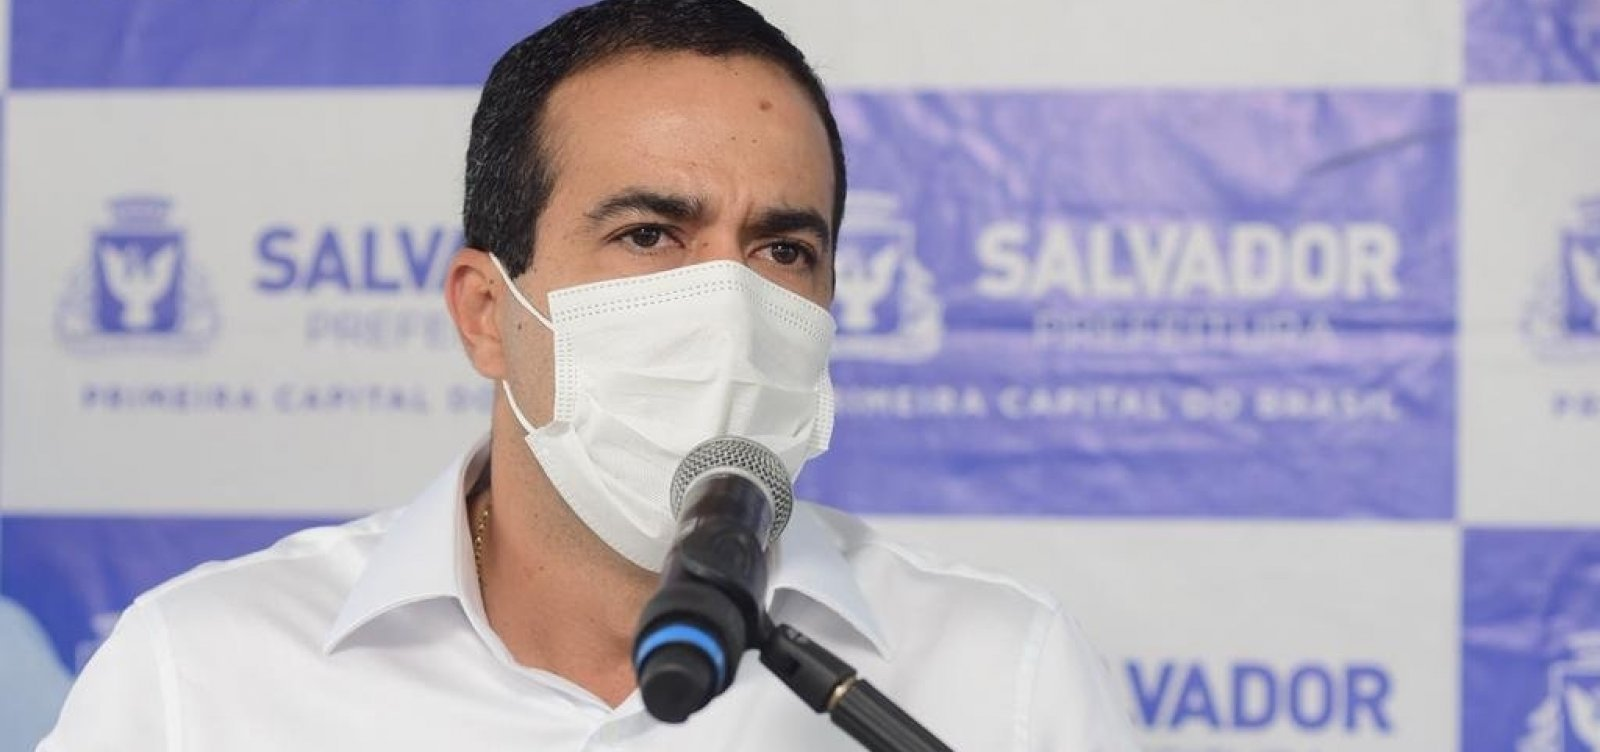 Prefeito de Salvador alerta para possibilidade de novo isolamento social na semana que vem